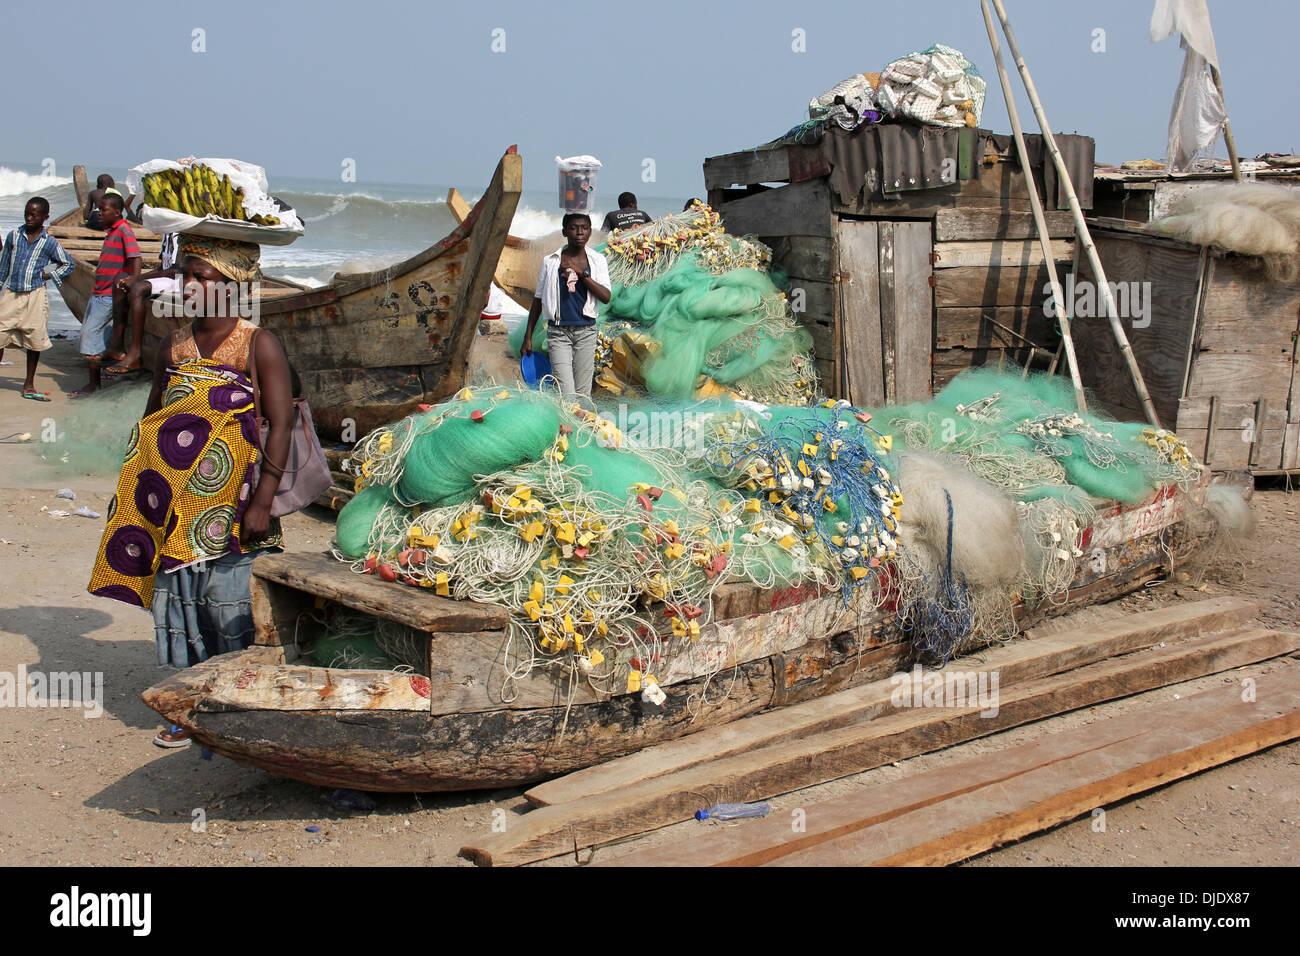 Scena quotidiana a Cape Coast porto di pesca, Ghana Immagini Stock